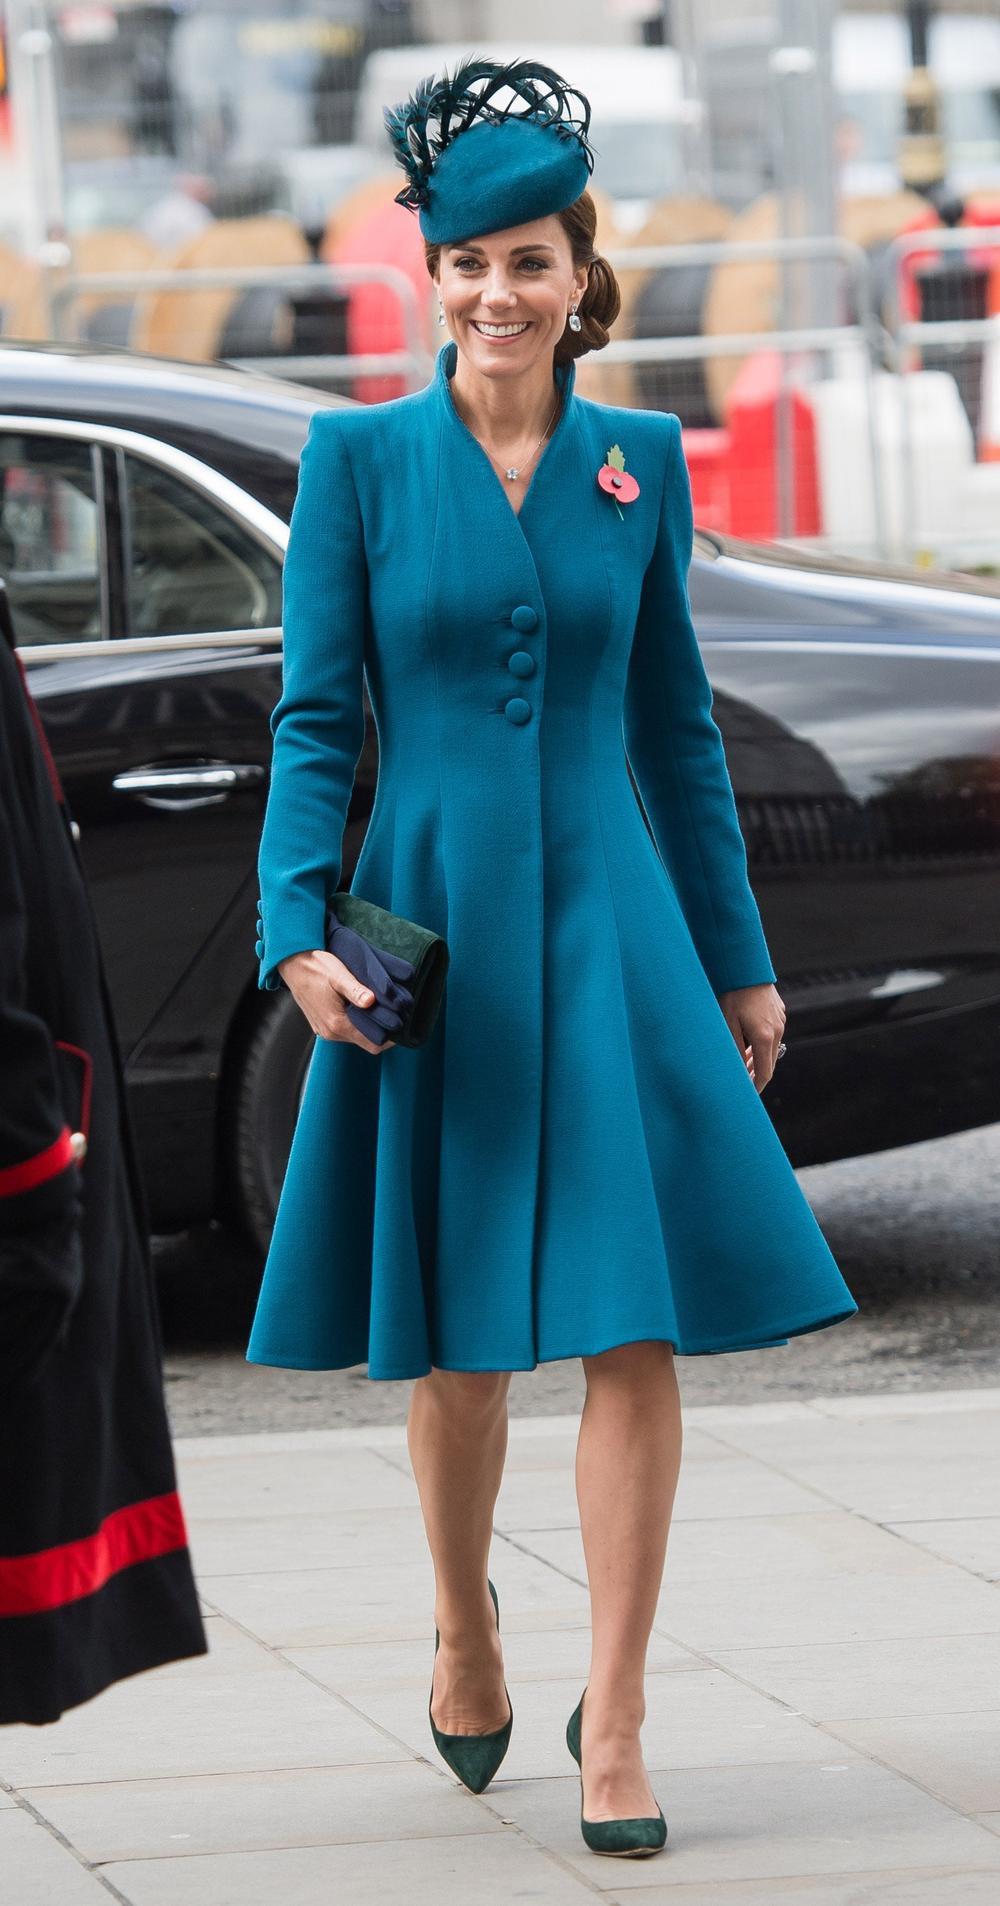 Tại sao phụ nữ hoàng gia luôn cầm theo túi xách? Ảnh 8